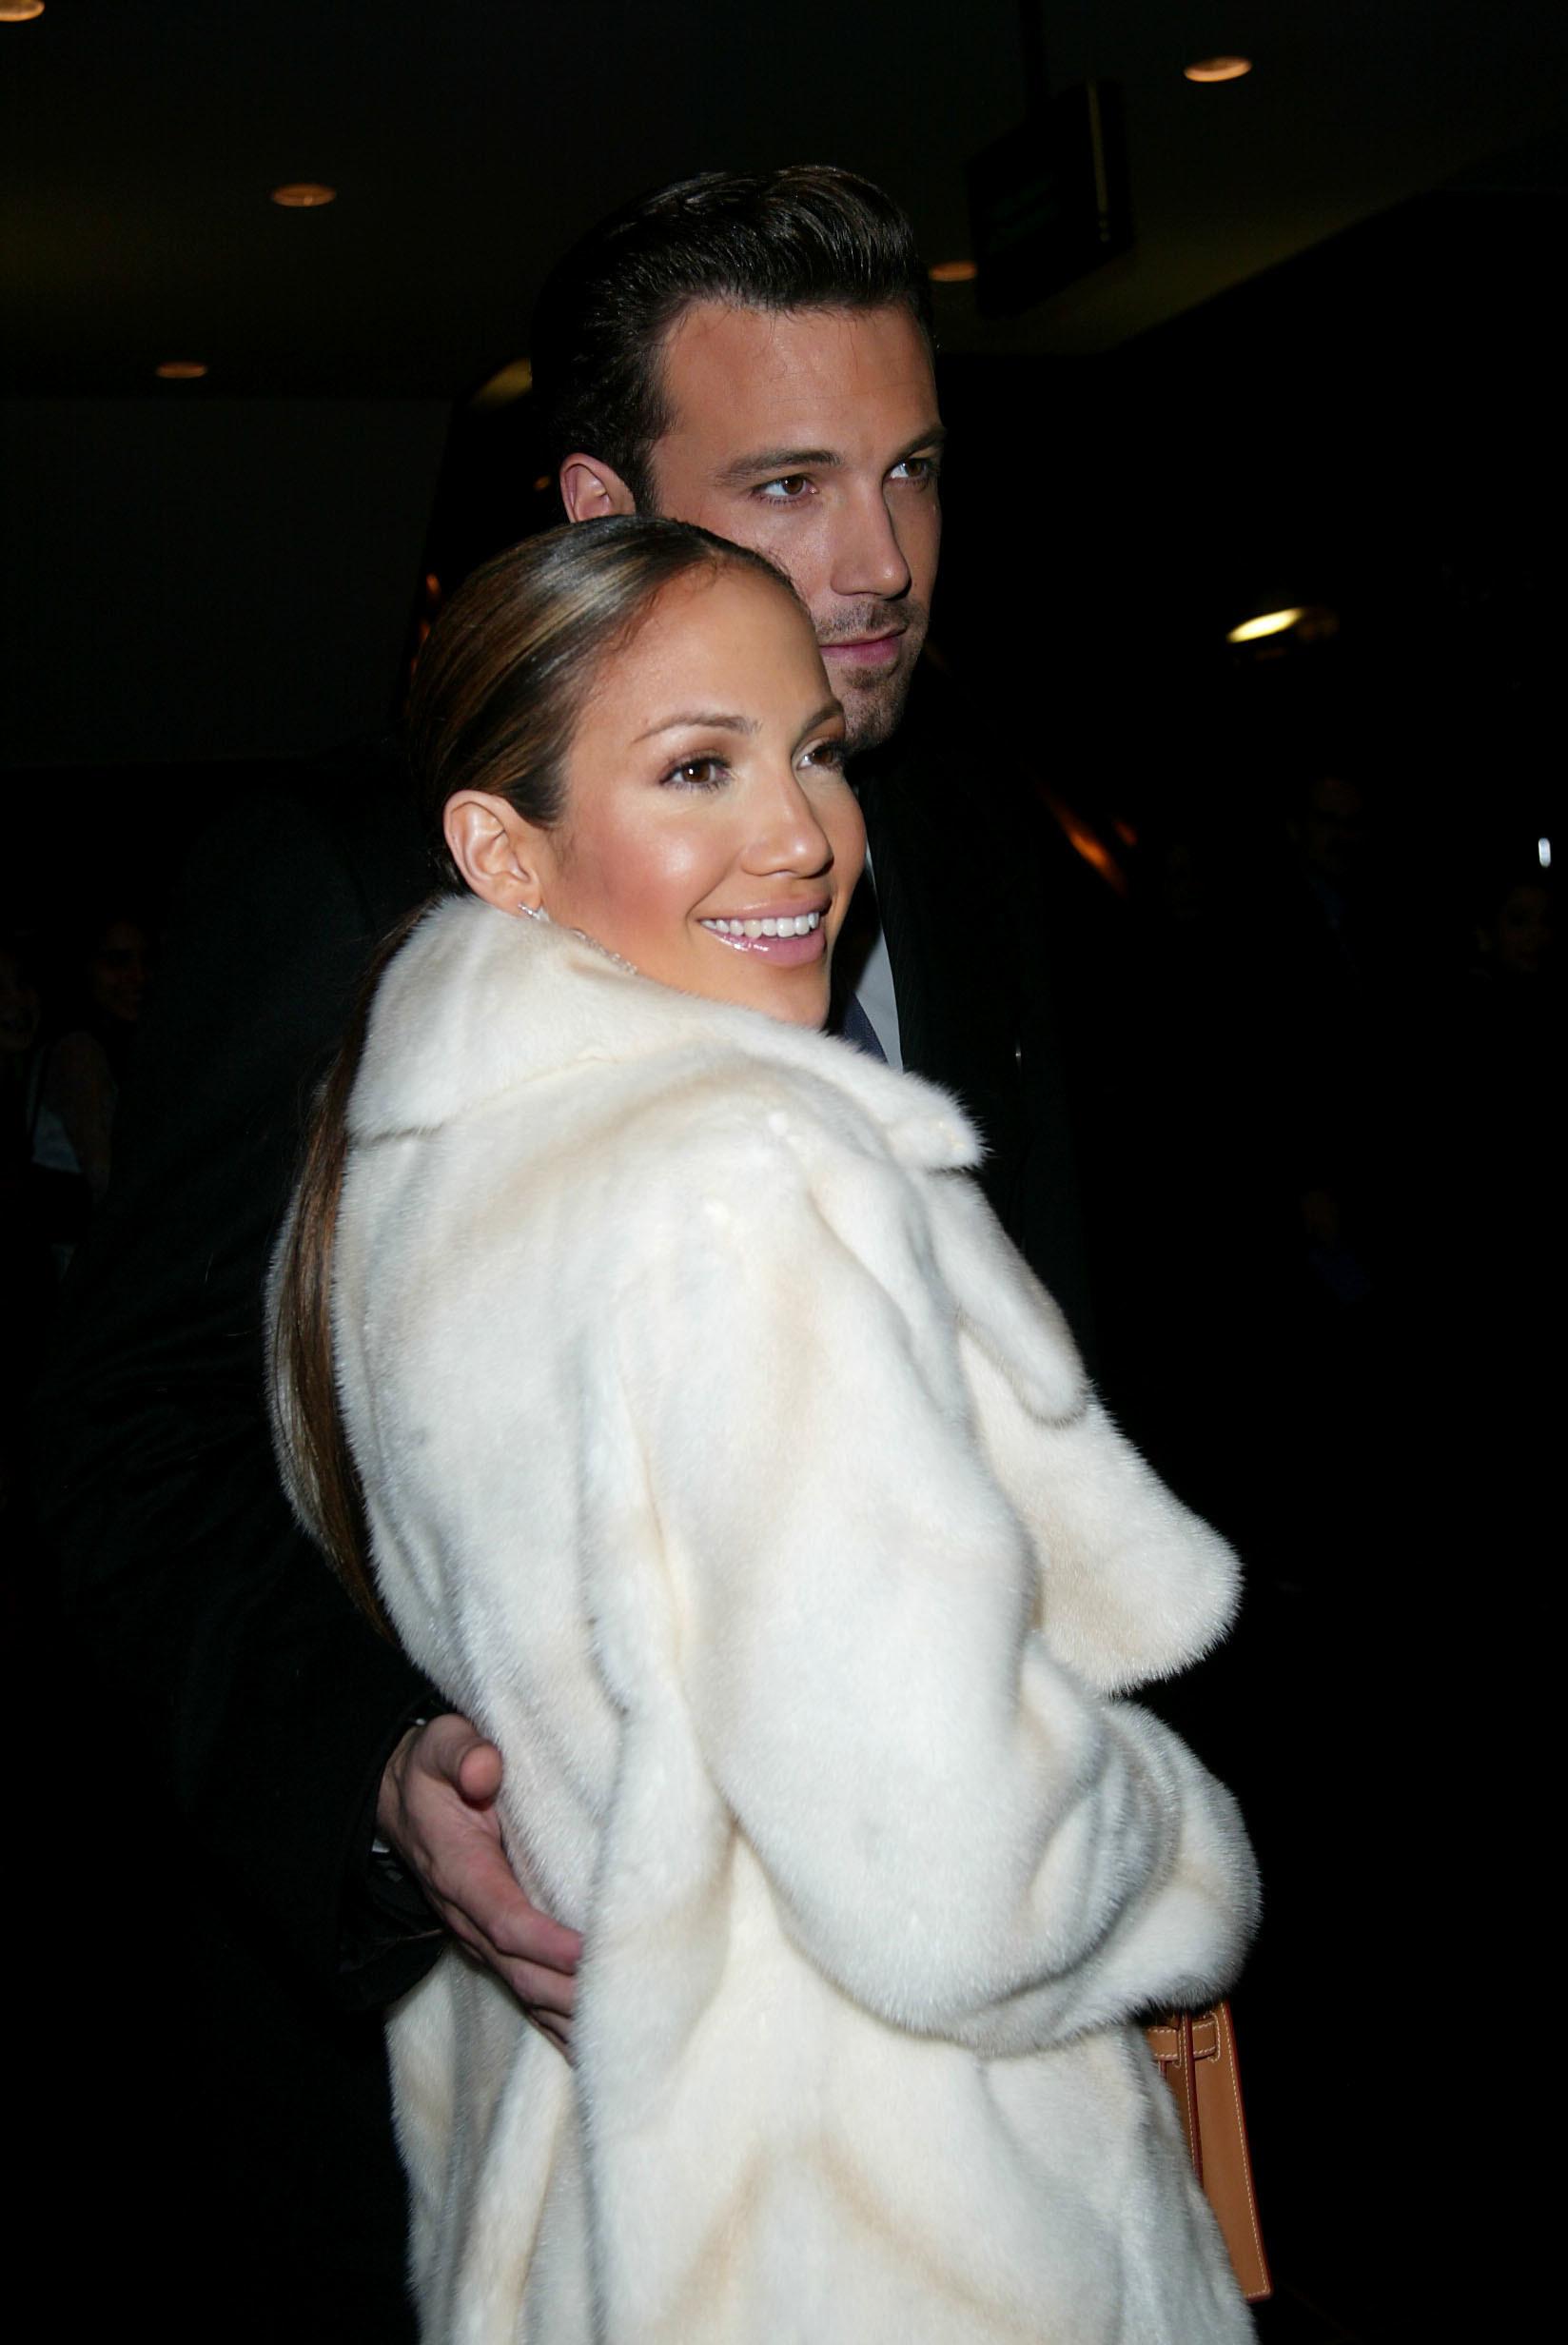 Ben Affleck and Jennifer Lopez walking together